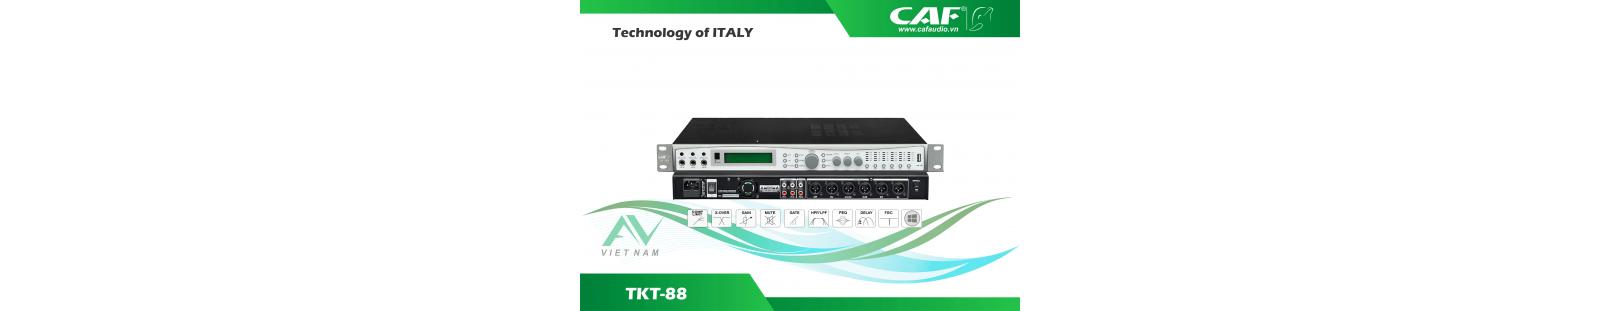 CAF TKT 88